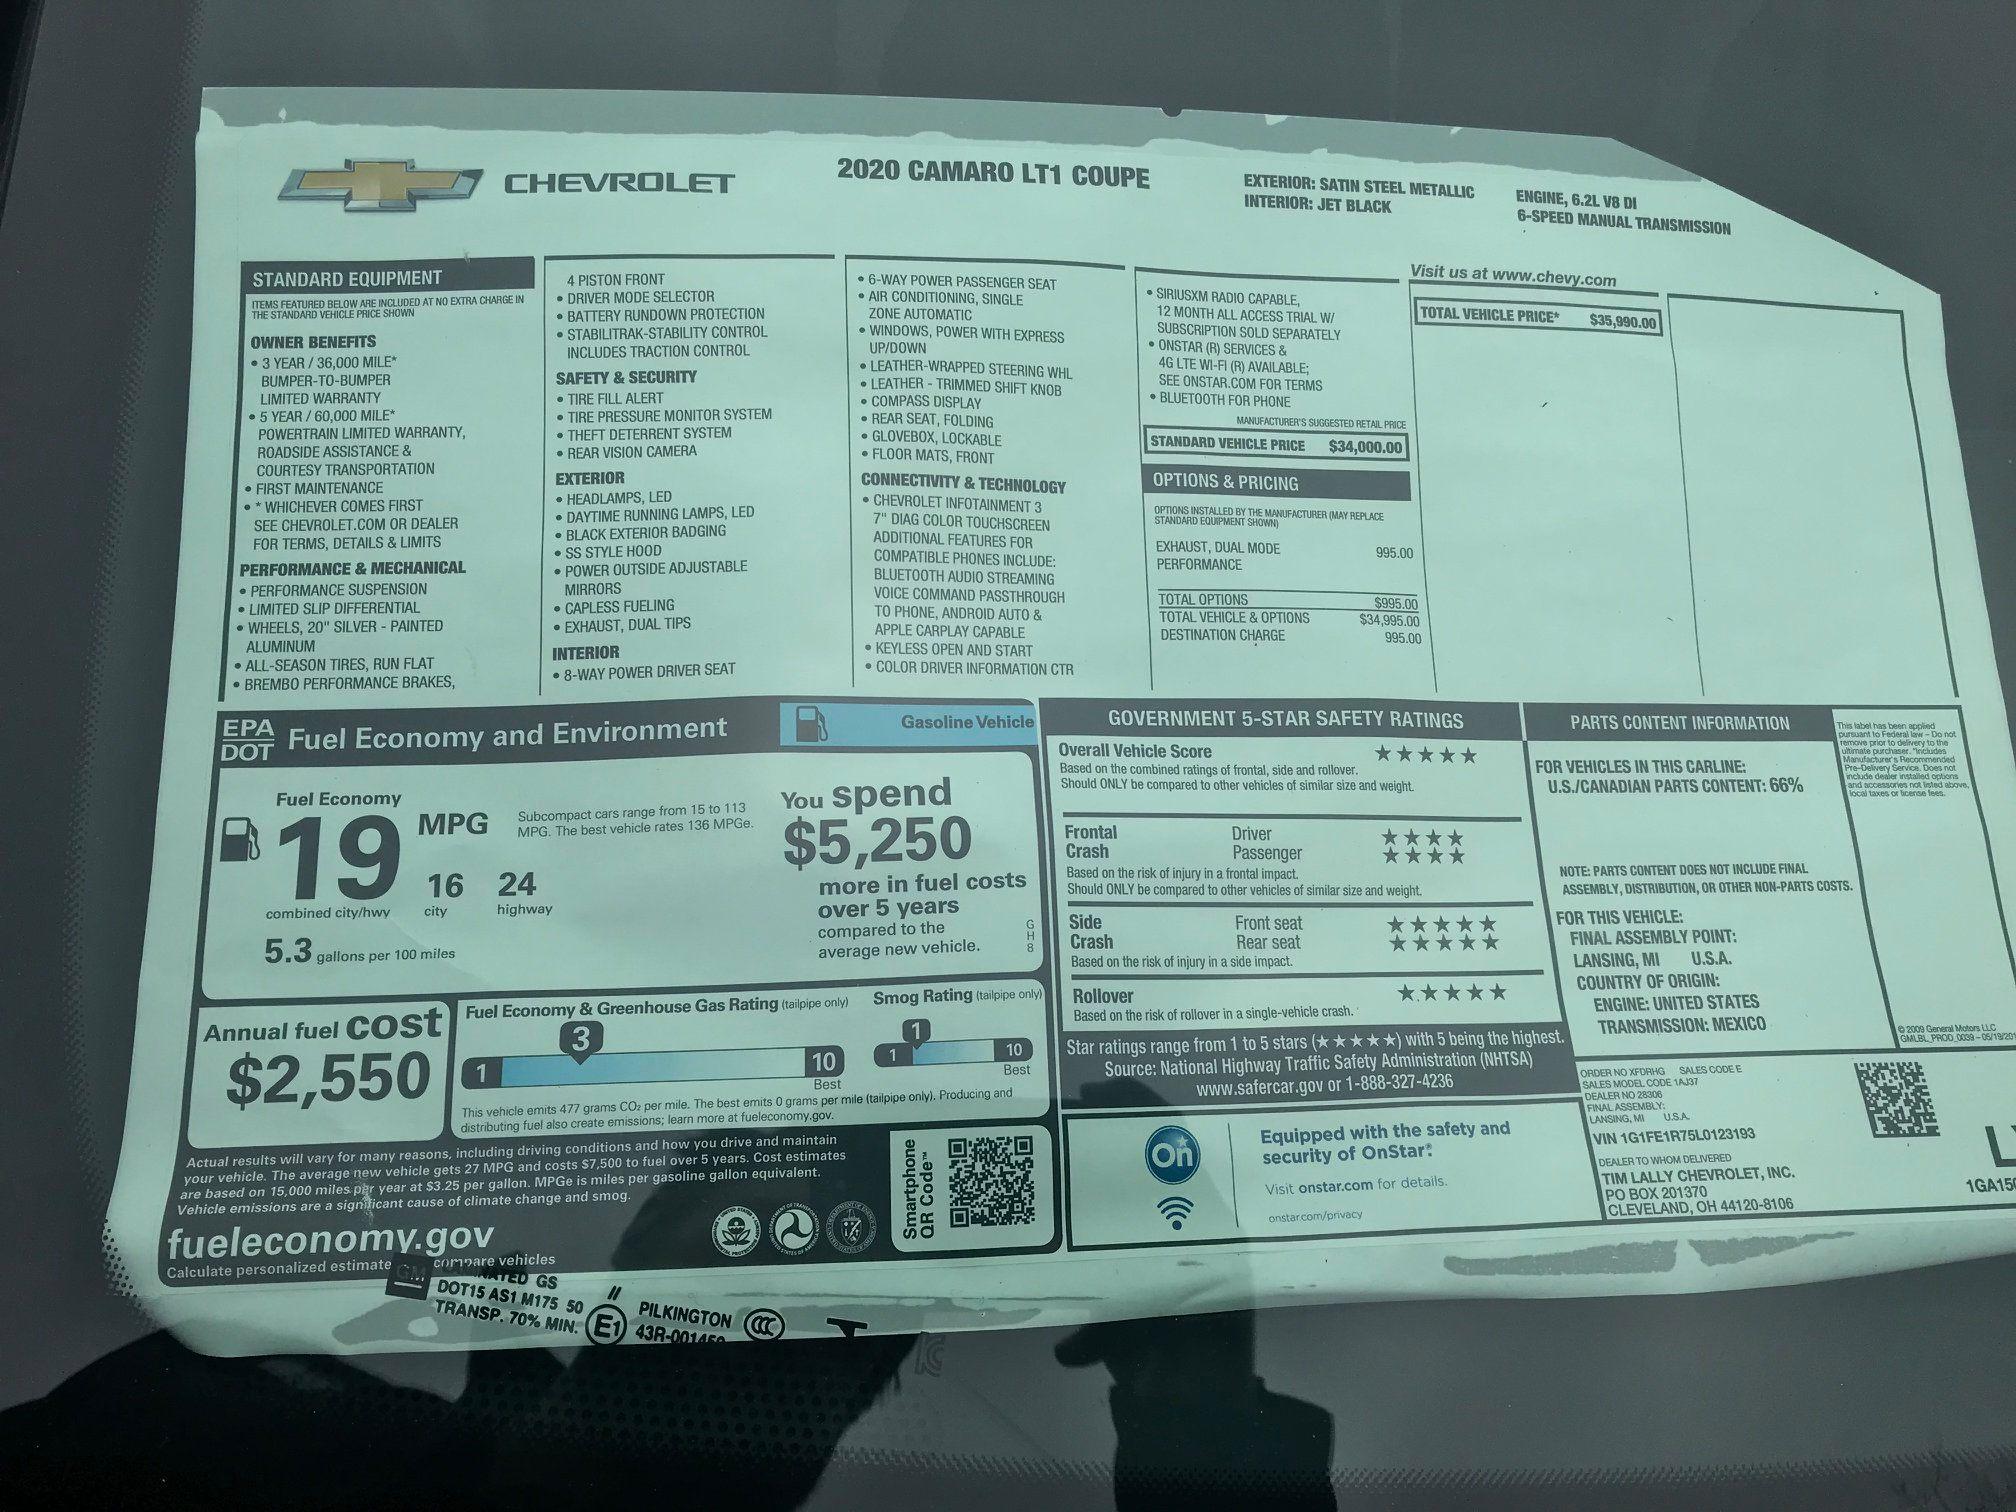 Callaway-Chevrolet-Camaro-SC630-9